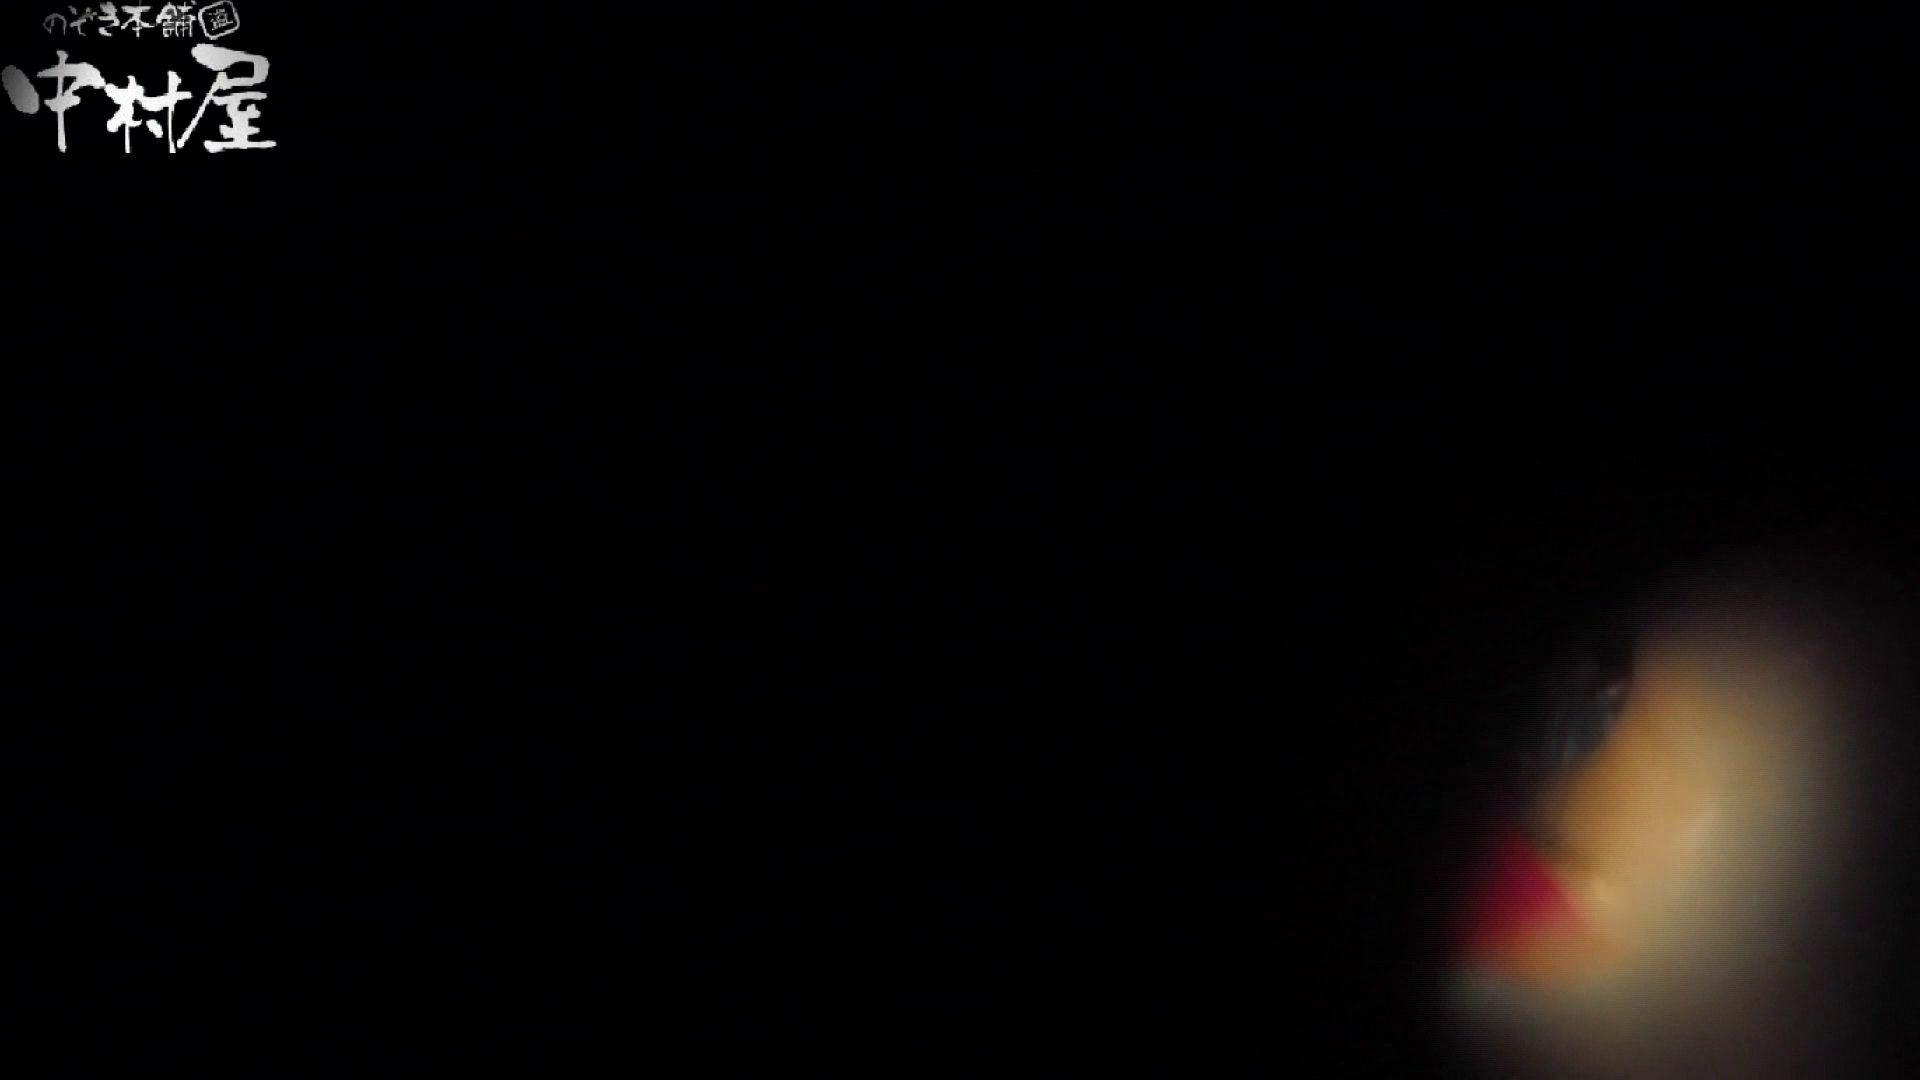 世界の射窓から vol.44 お上品そうな 洗面所 | HなOL  91pic 5